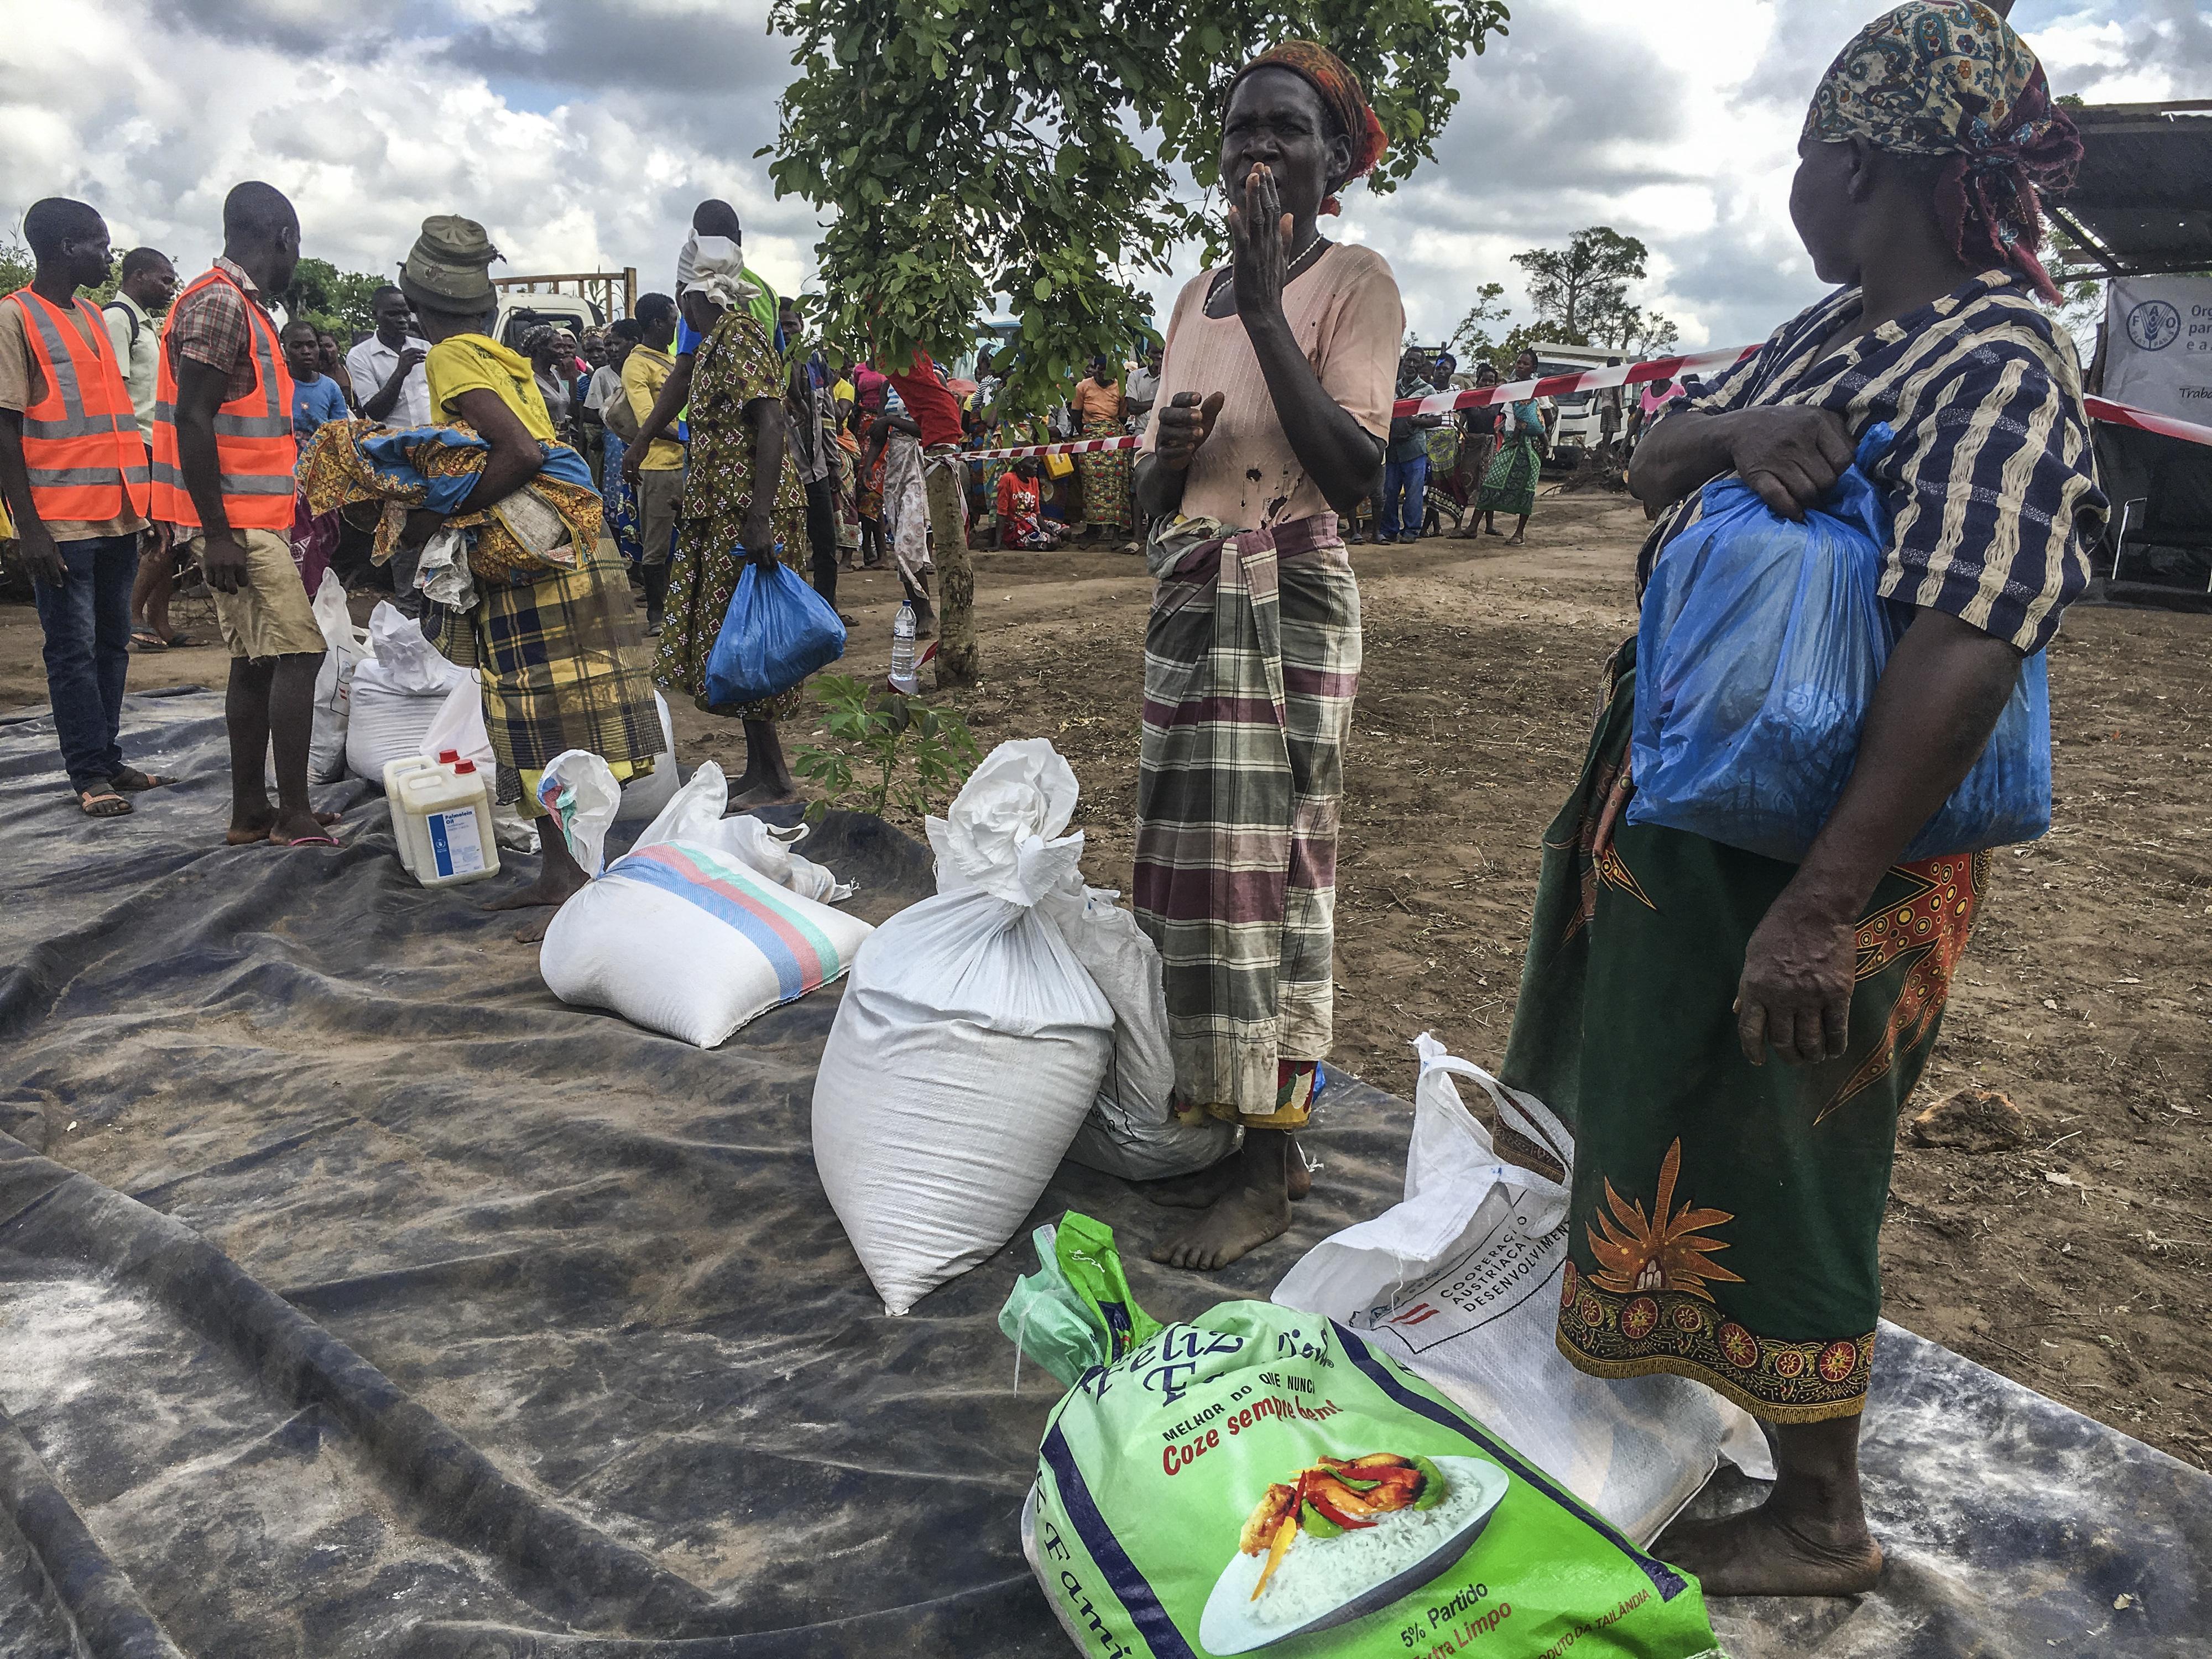 ONG pede investigação urgente a Moçambique sobre sexo forçado em troca de comida